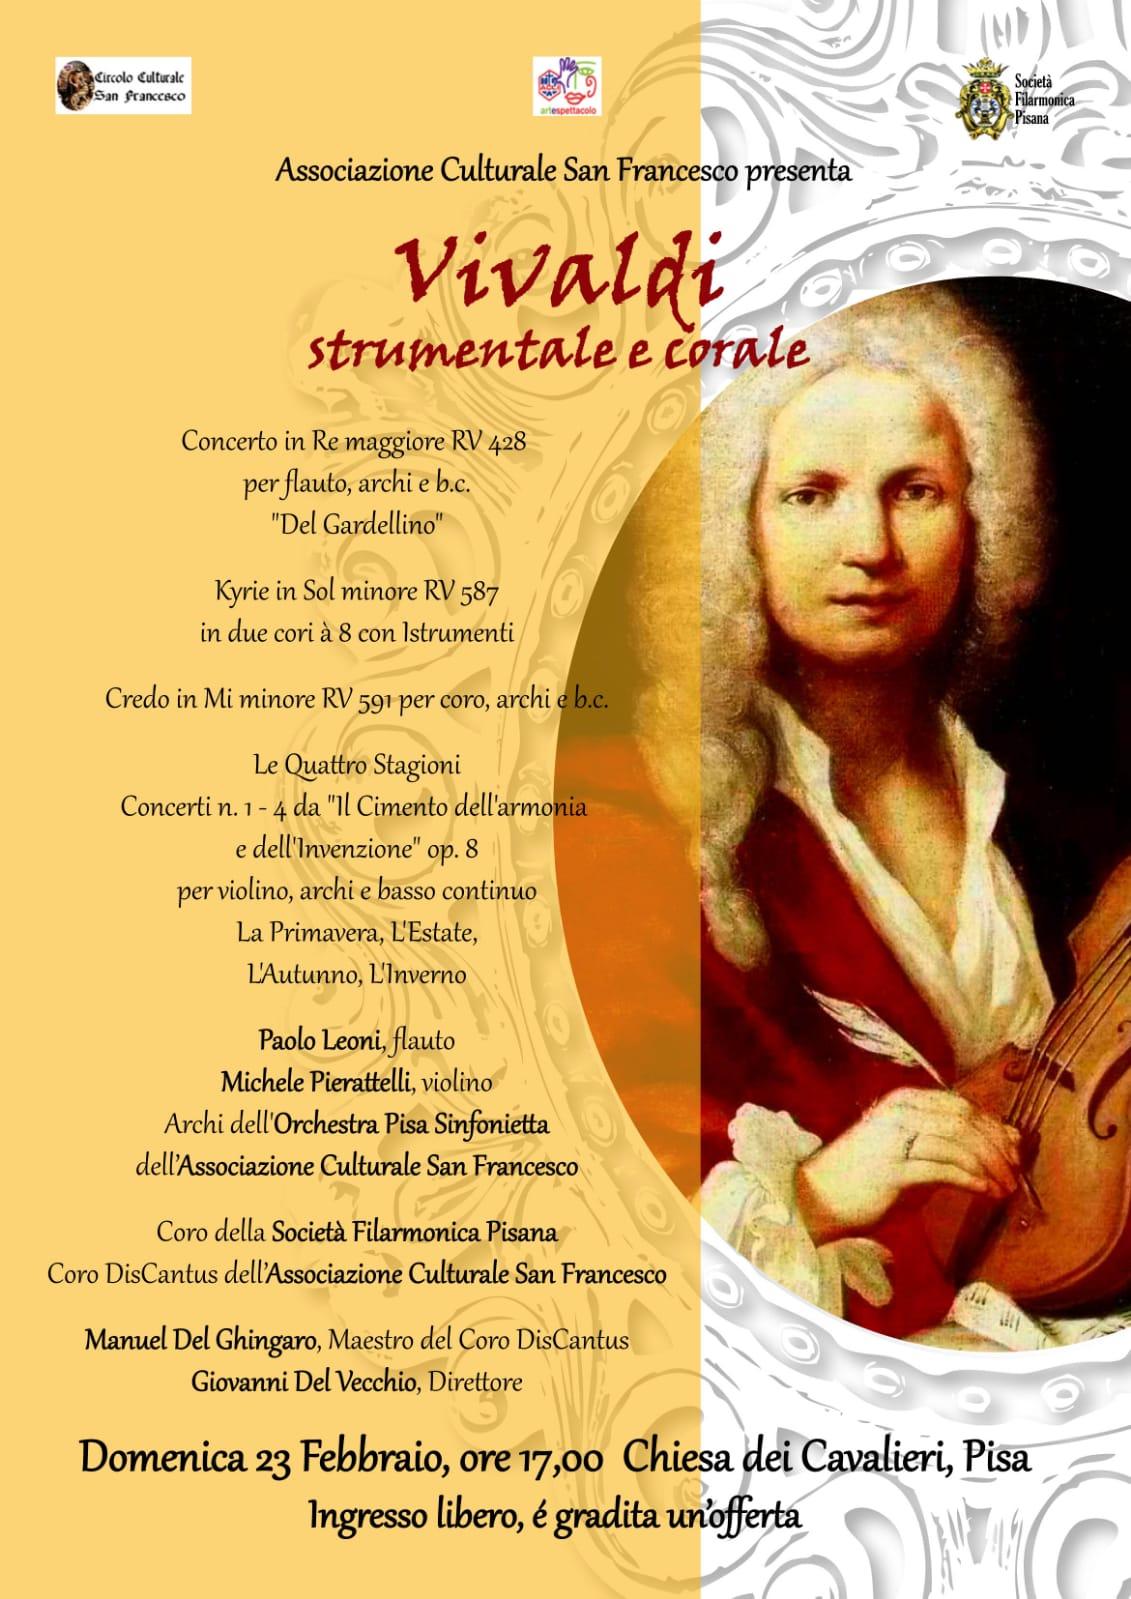 Vivaldi Strumentale e corale